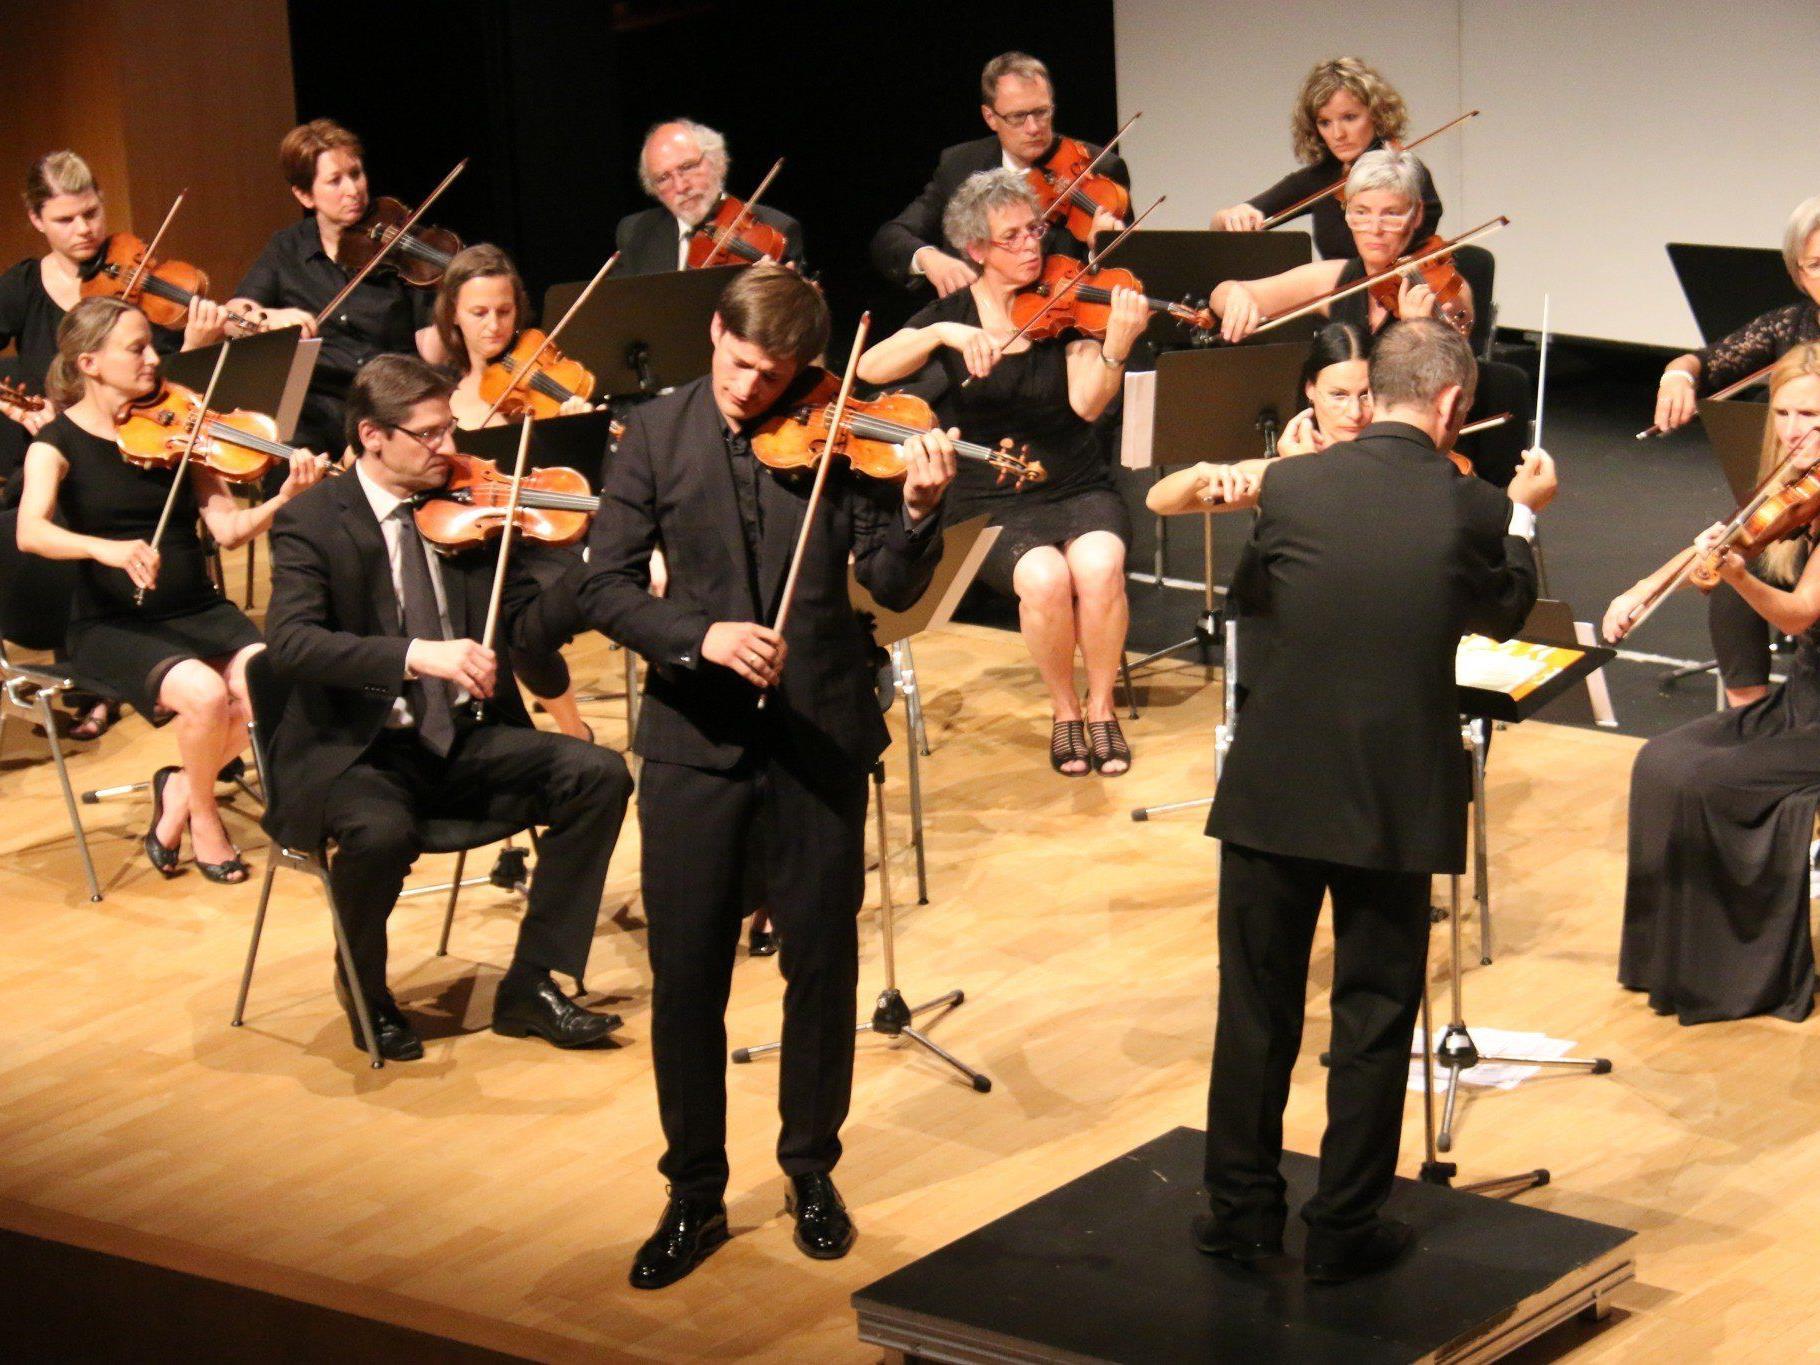 Matinee des Orchestervereins Götzis unter Leitung von Benjamin Lack.